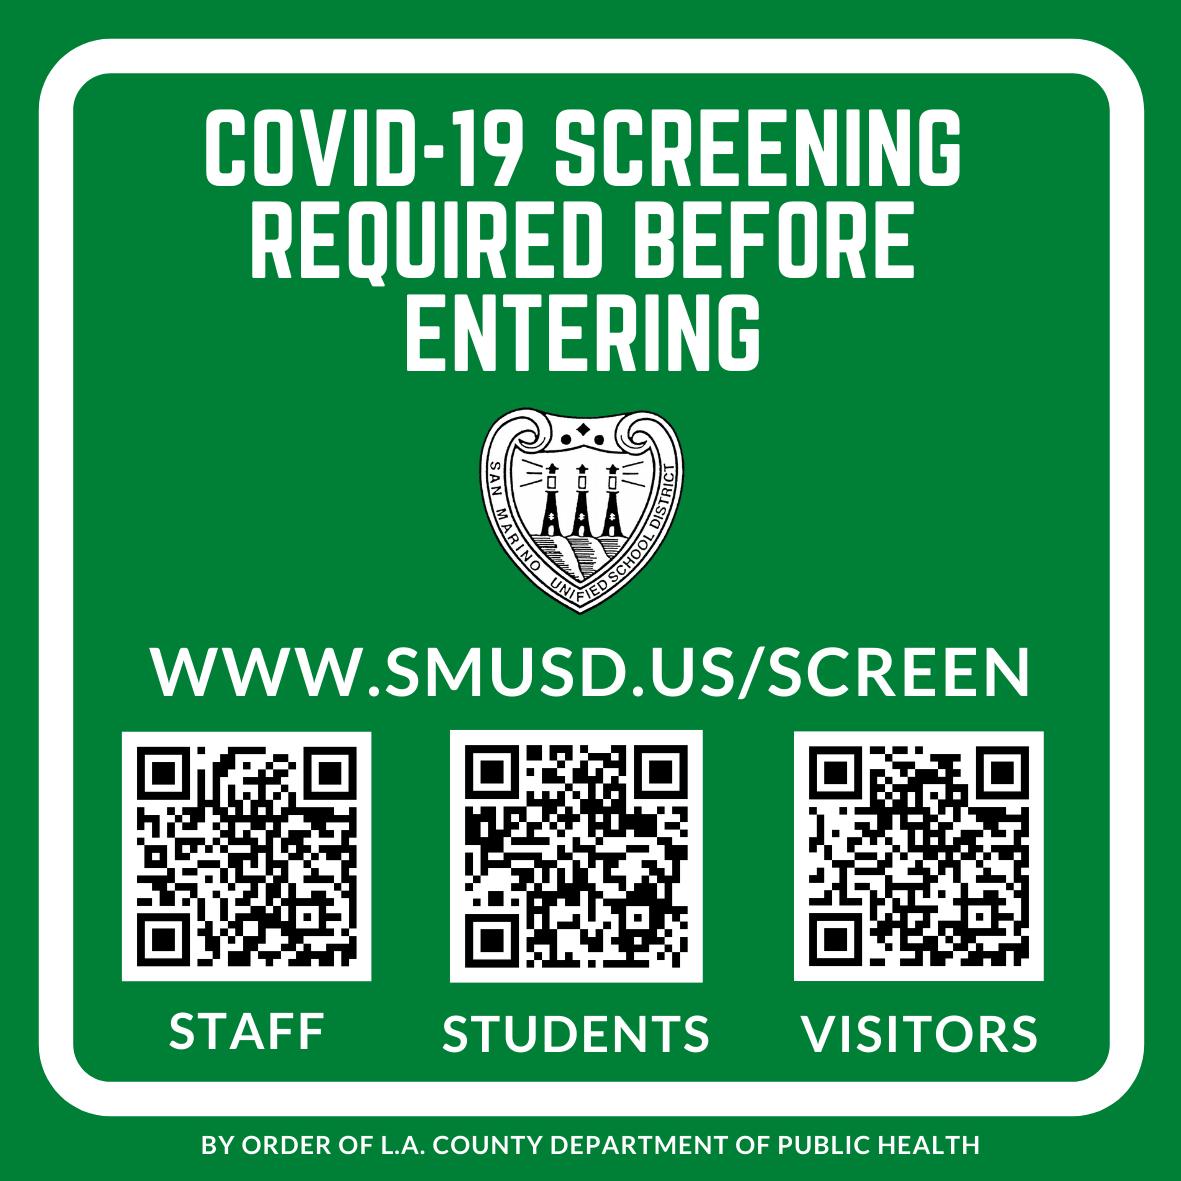 SMUSD Screening - Green Sign